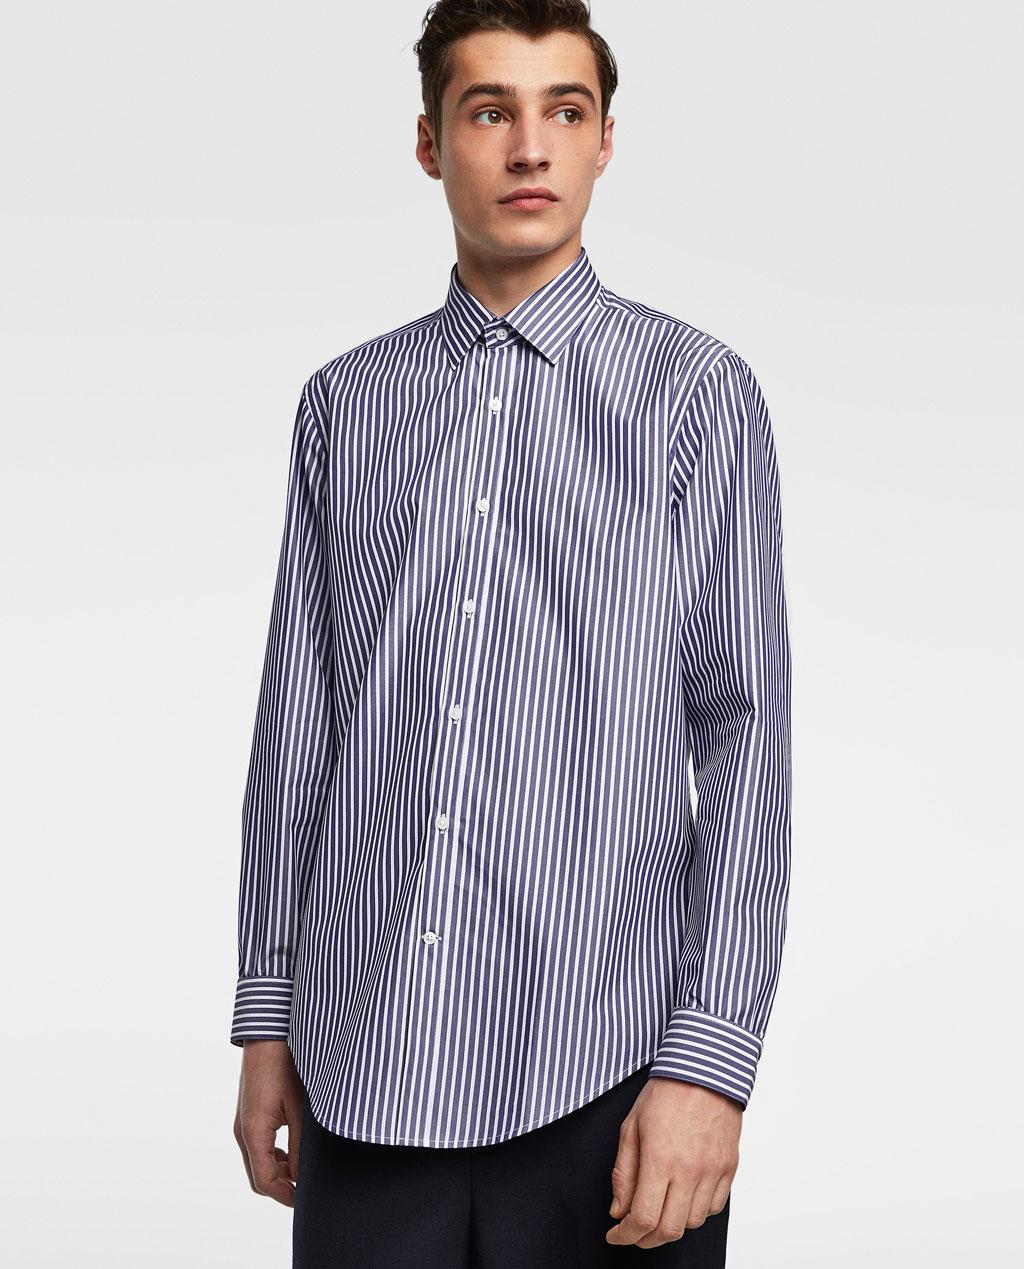 Thời trang nam Zara  23880 - ảnh 4